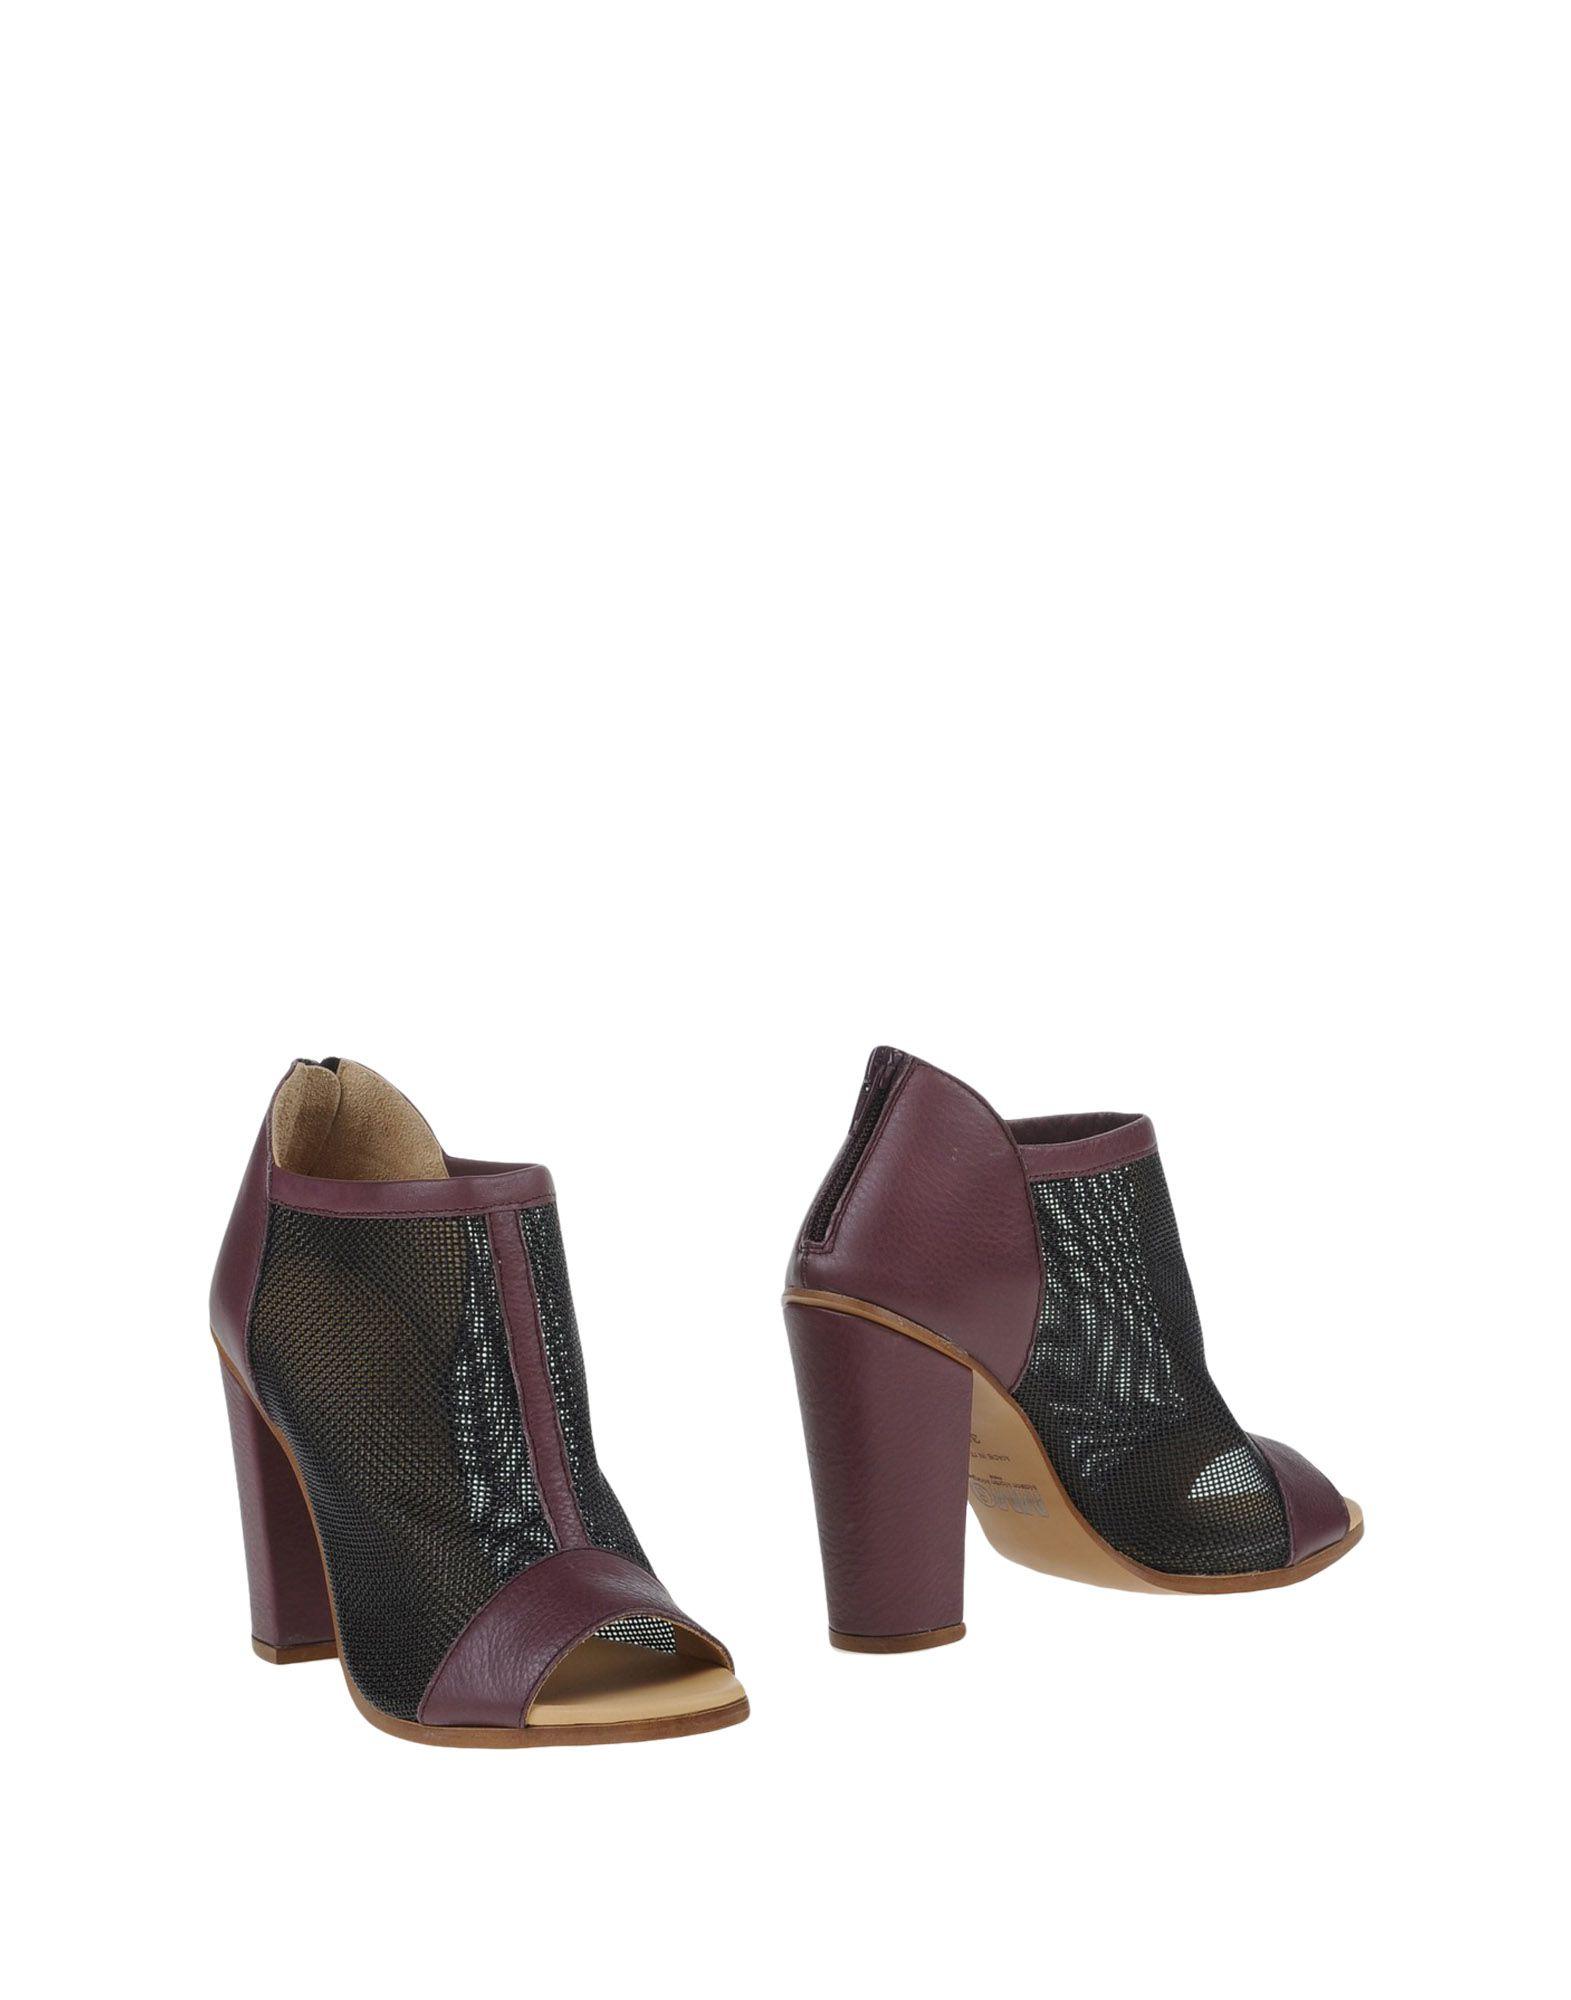 Stilvolle Margiela billige Schuhe Mm6 Maison Margiela Stilvolle Stiefelette Damen  44915024UT e48d3e